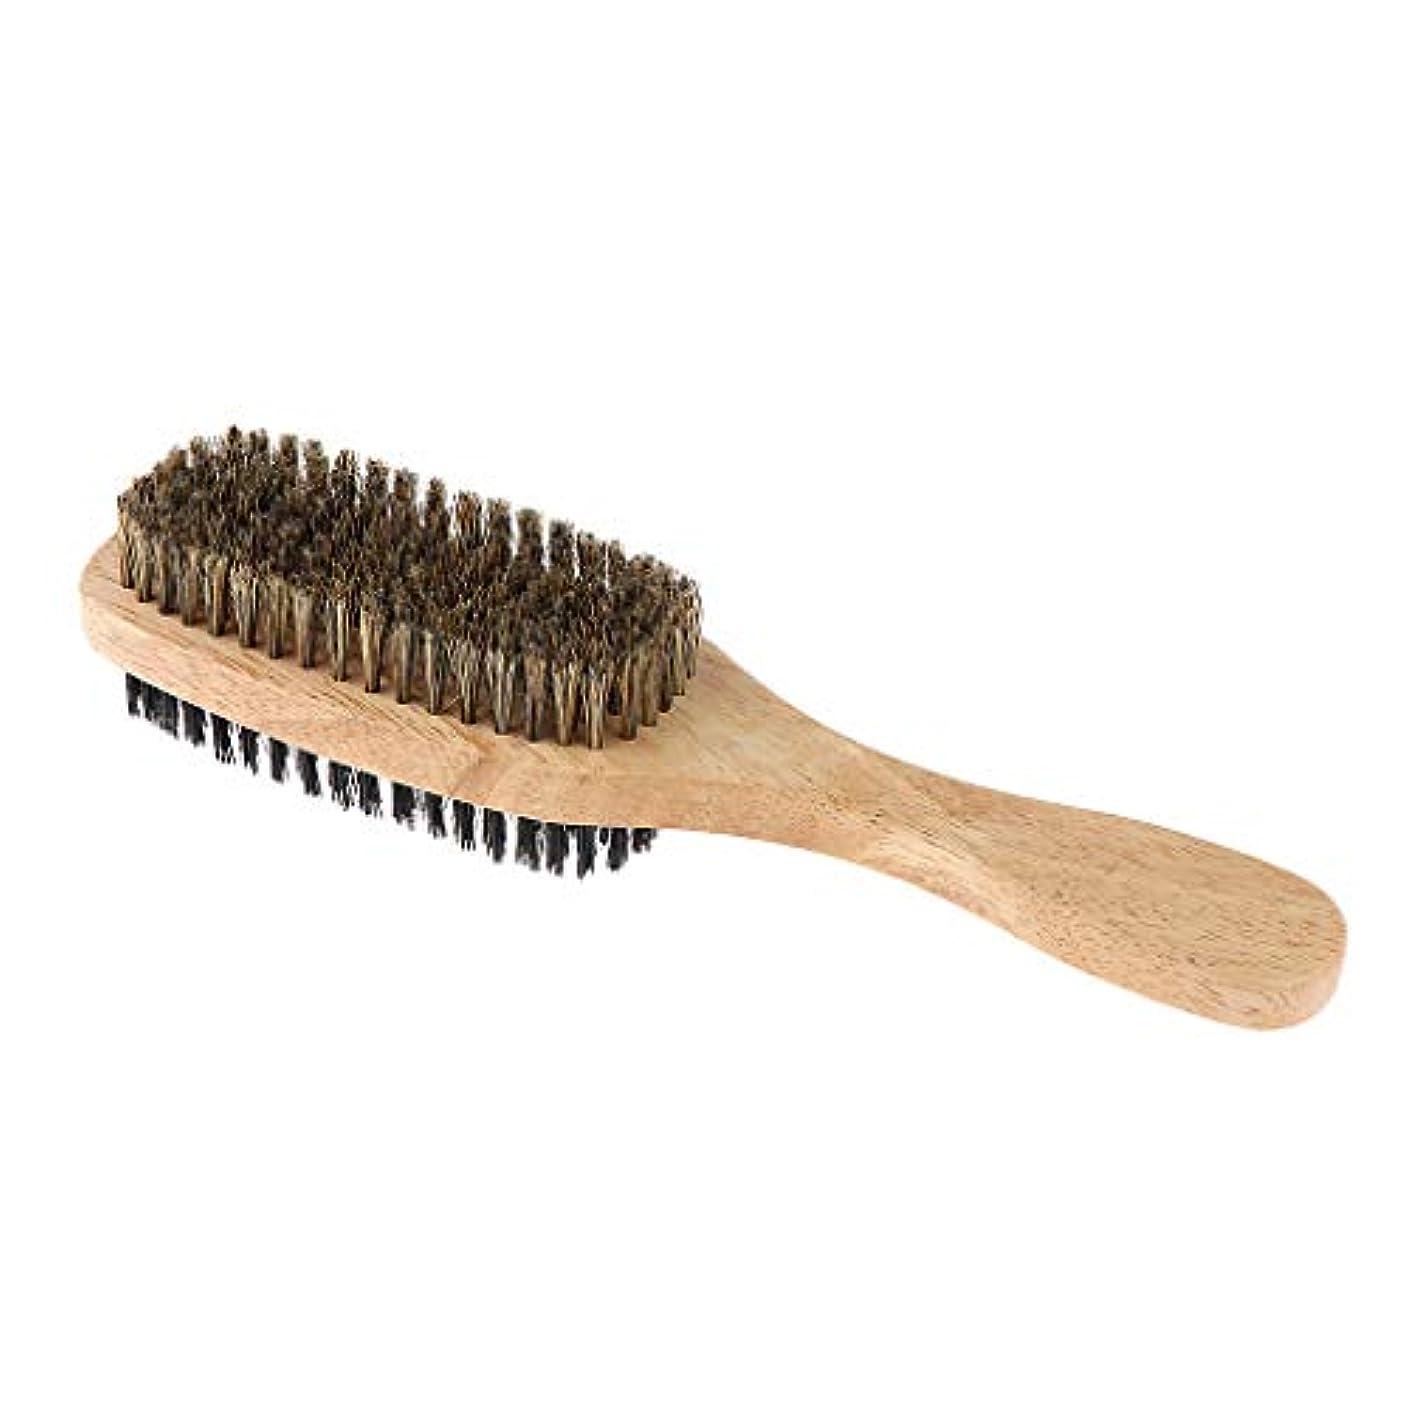 ギャング証人しわSharplace ひげブラシ 両面ブラシ メンズ用ブラシ シェービングブラシ 木製ハンドル 髭剃り 泡立ち 3サイズ選べ - A